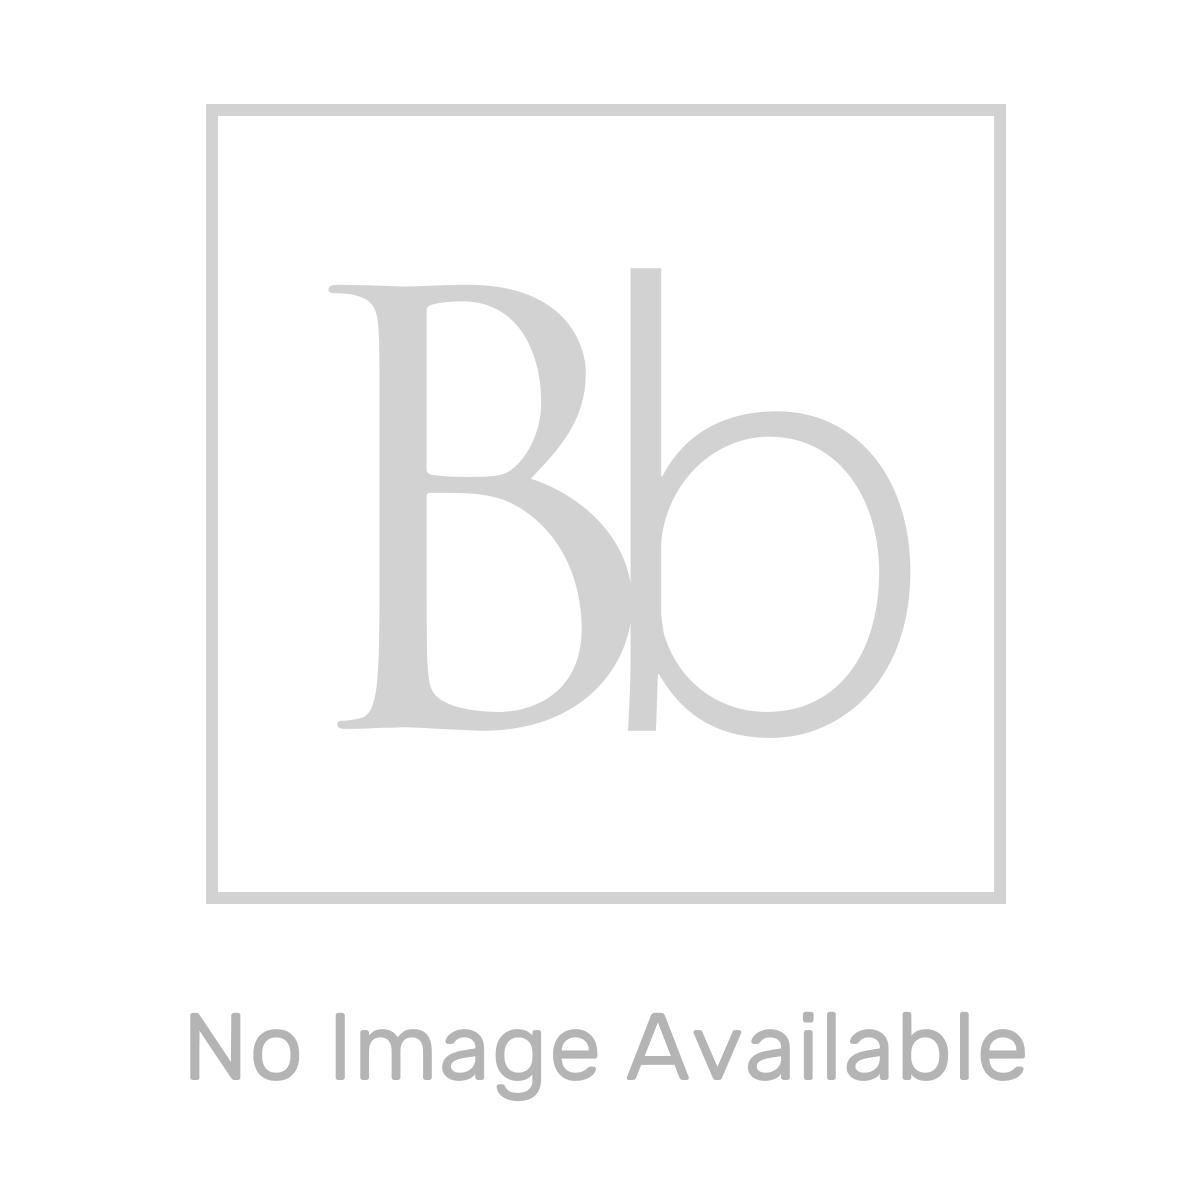 RAK Metropolitan Gloss White End Bath Panel 700mm